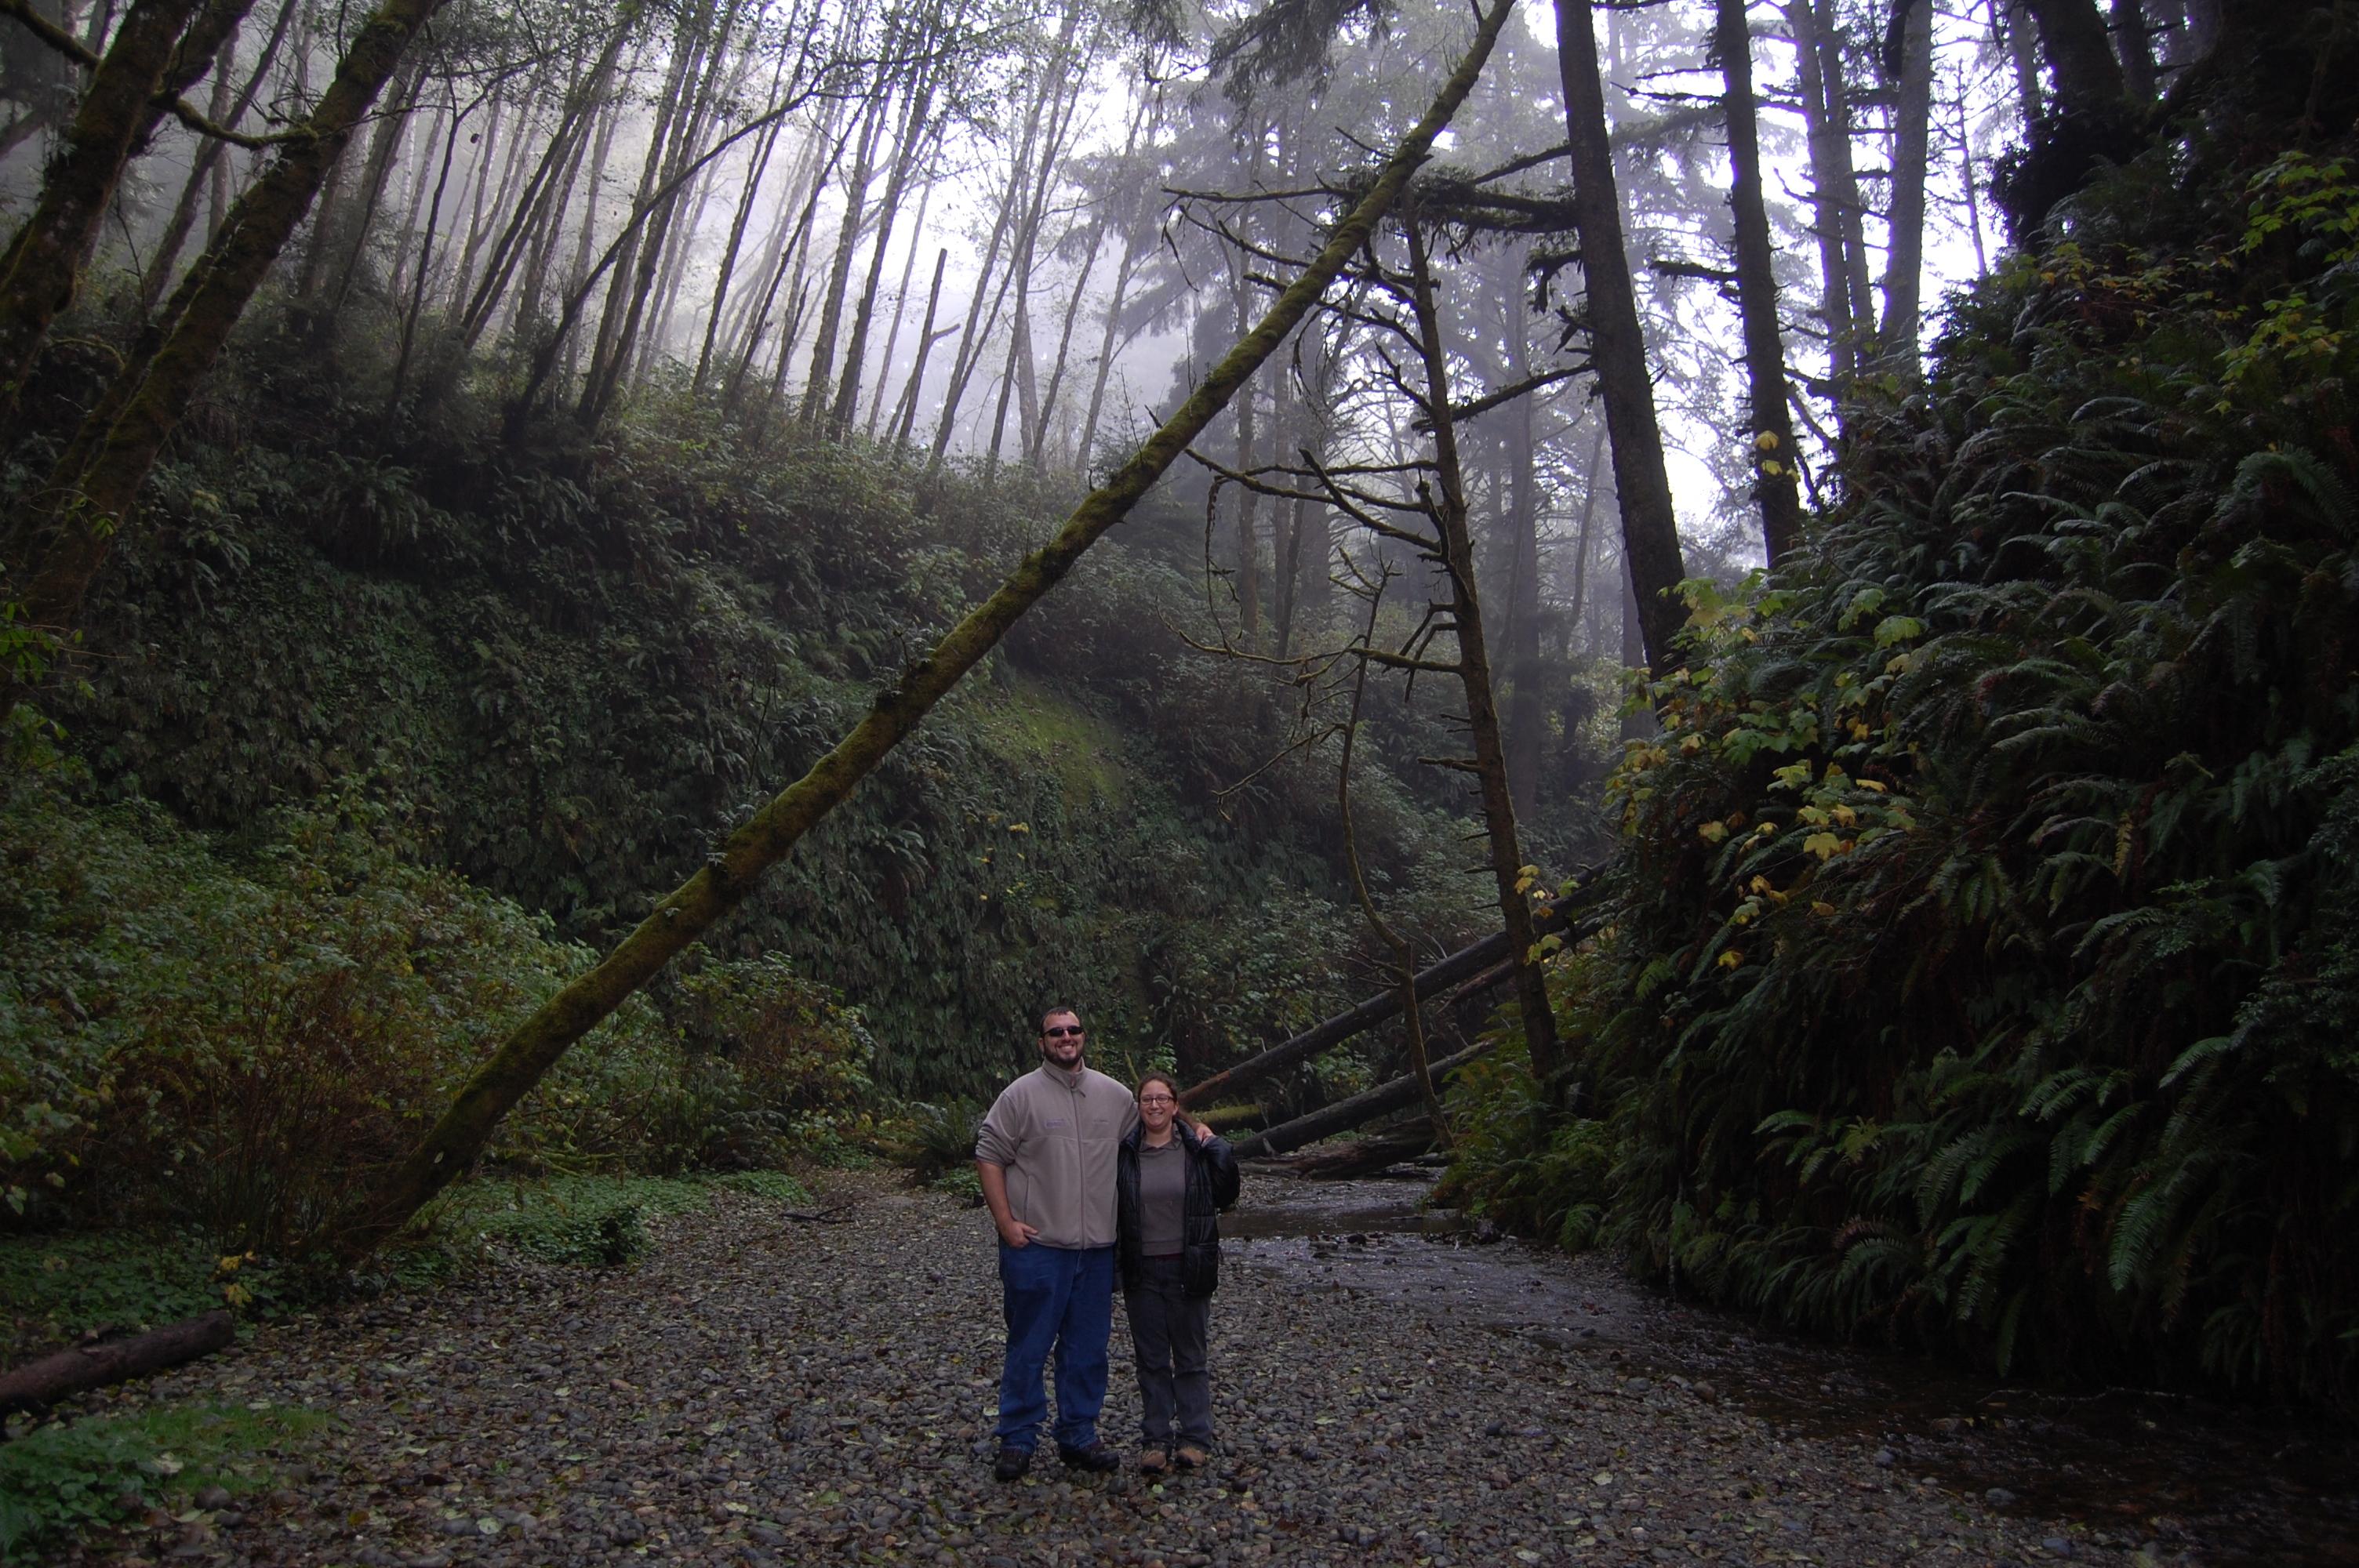 Mandy and John at Fern Canyon